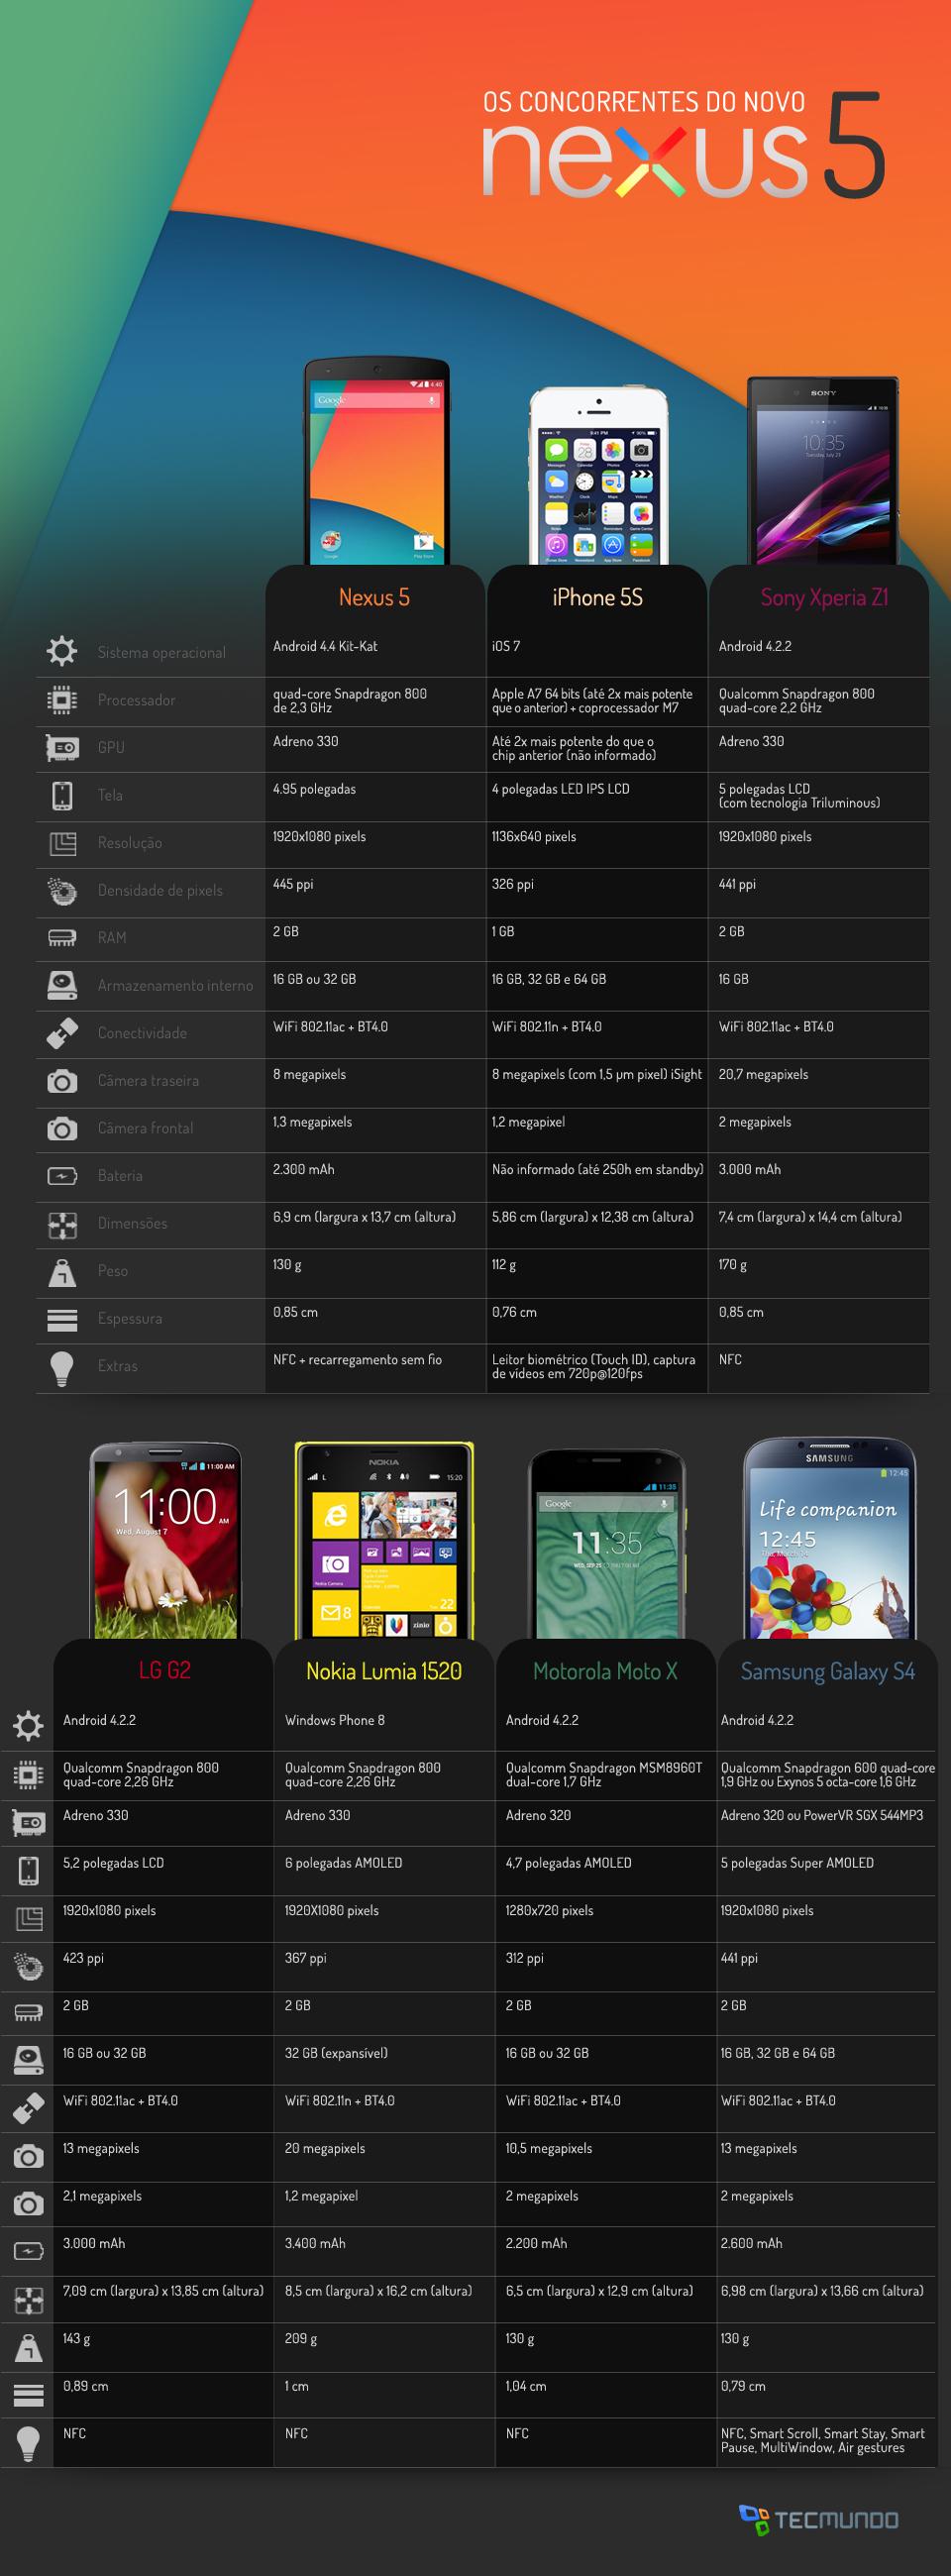 Comparação: Nexus 5 contra os principais smartphones do mercado